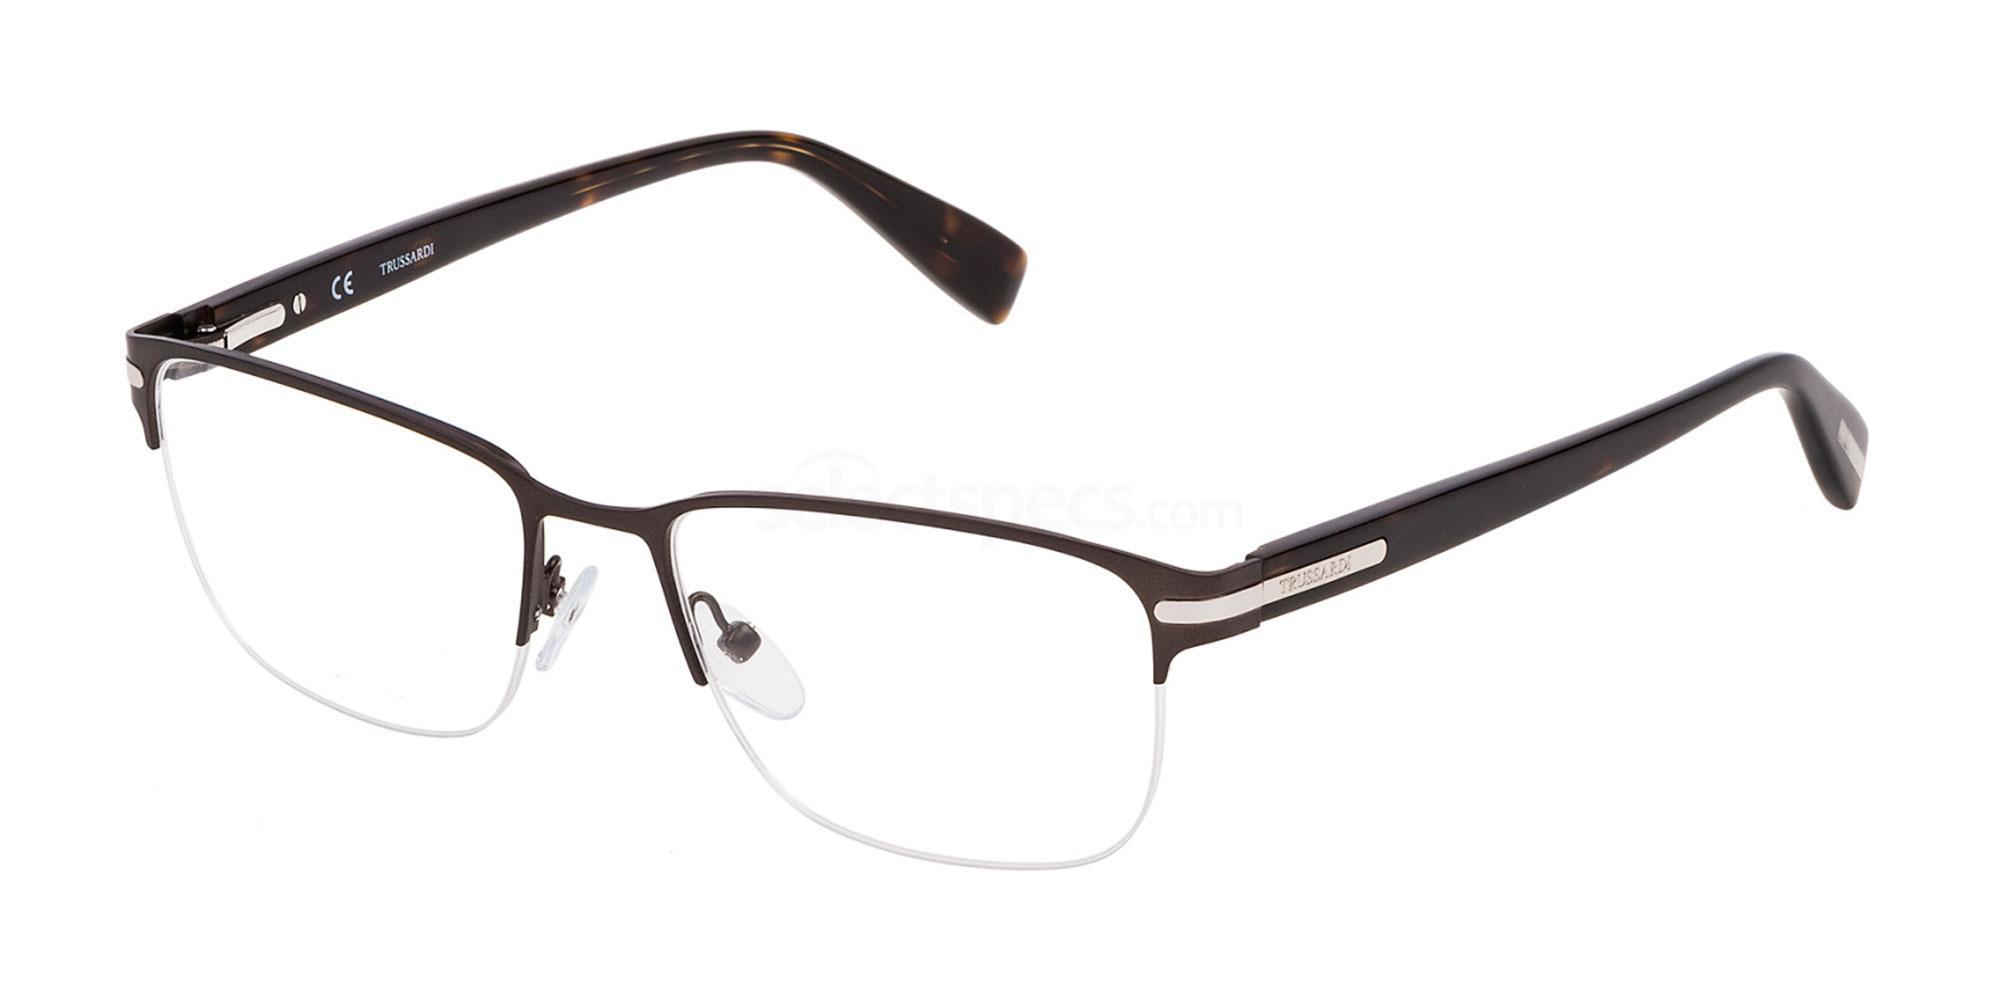 0627 VTR046N Glasses, Trussardi